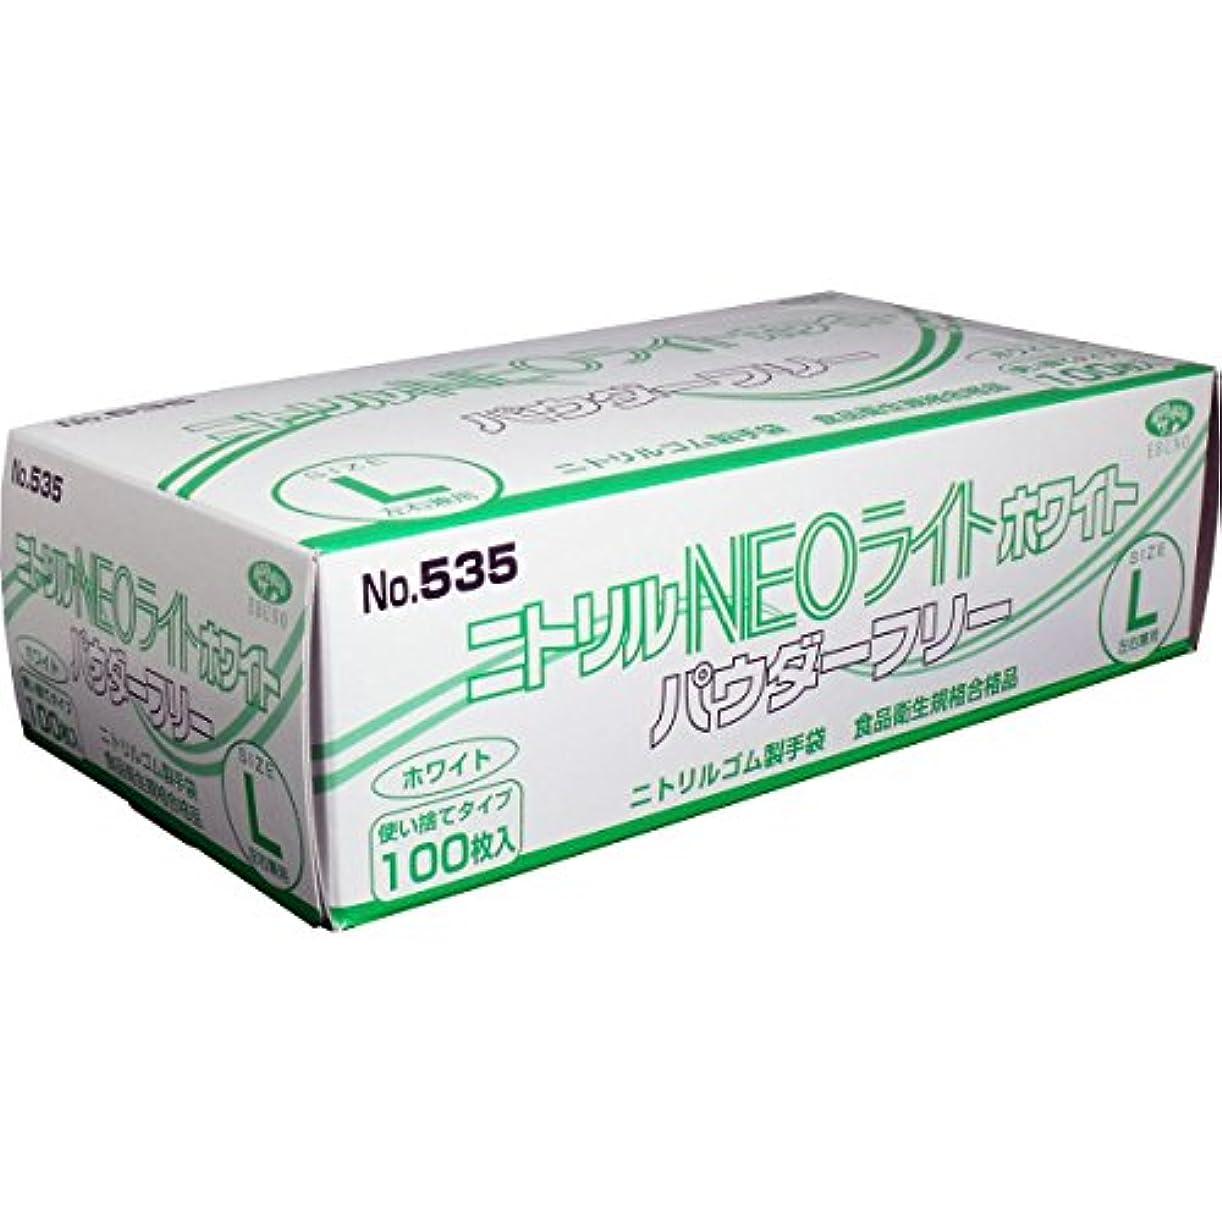 動くアリカートンニトリル手袋 NEOライト パウダーフリー ホワイト Lサイズ 100枚入 ×10個セット